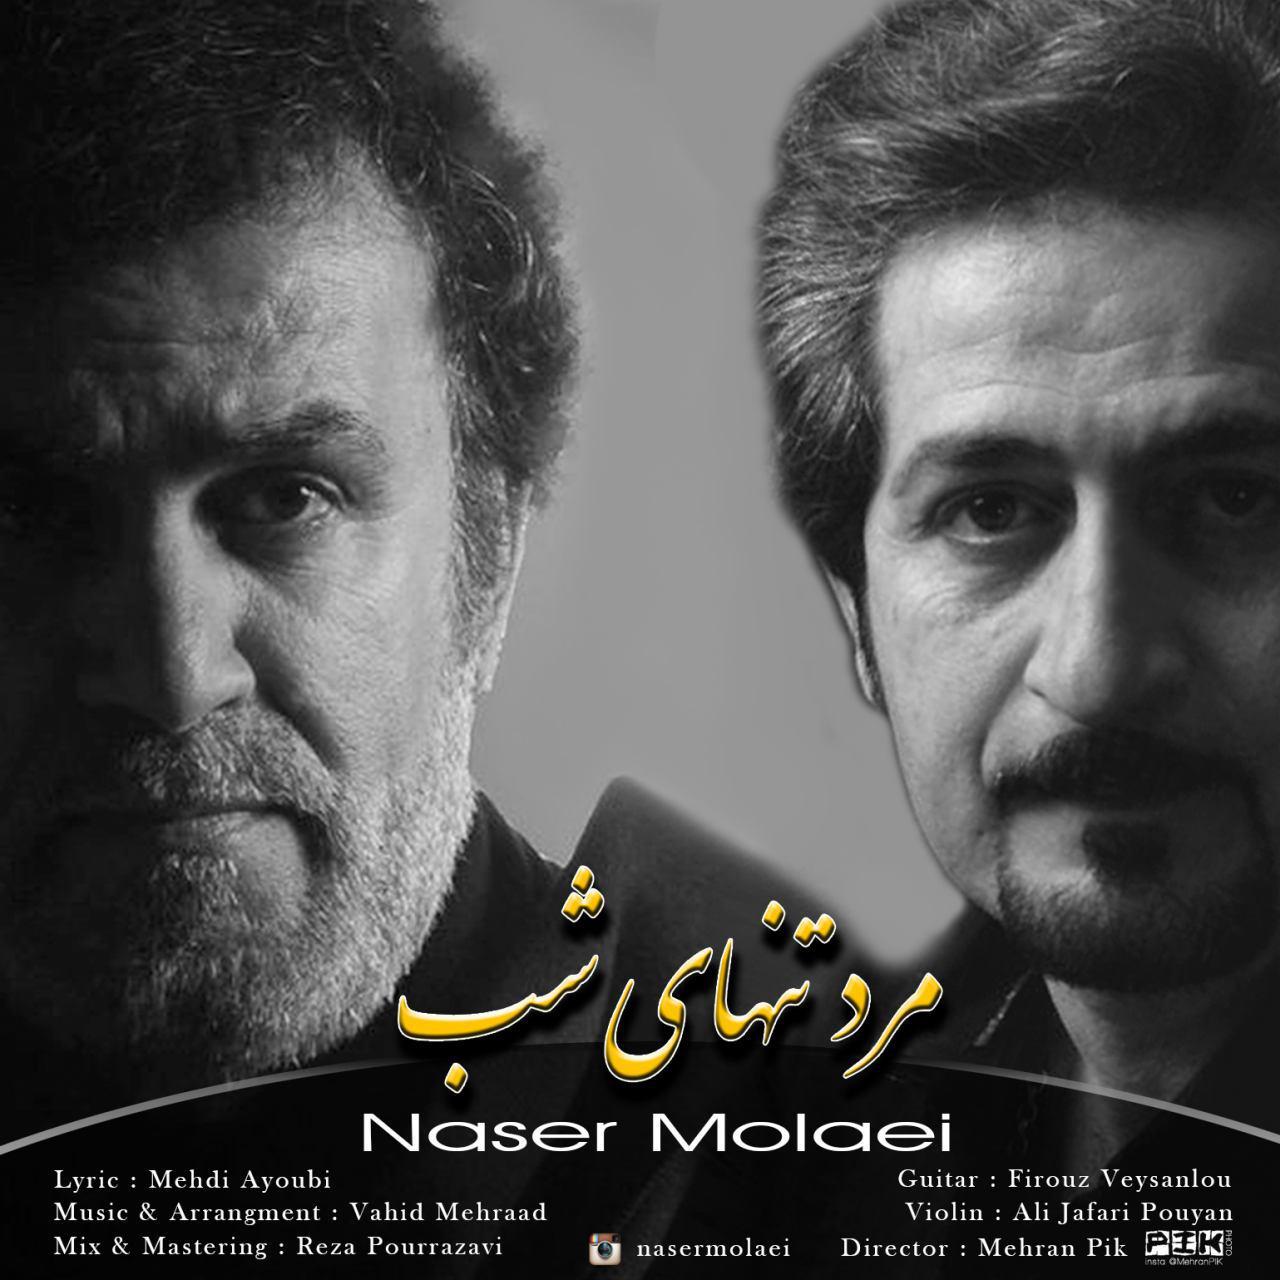 دانلود آهنگ جدید ناصر مولایی به نام مرد تنهای شب